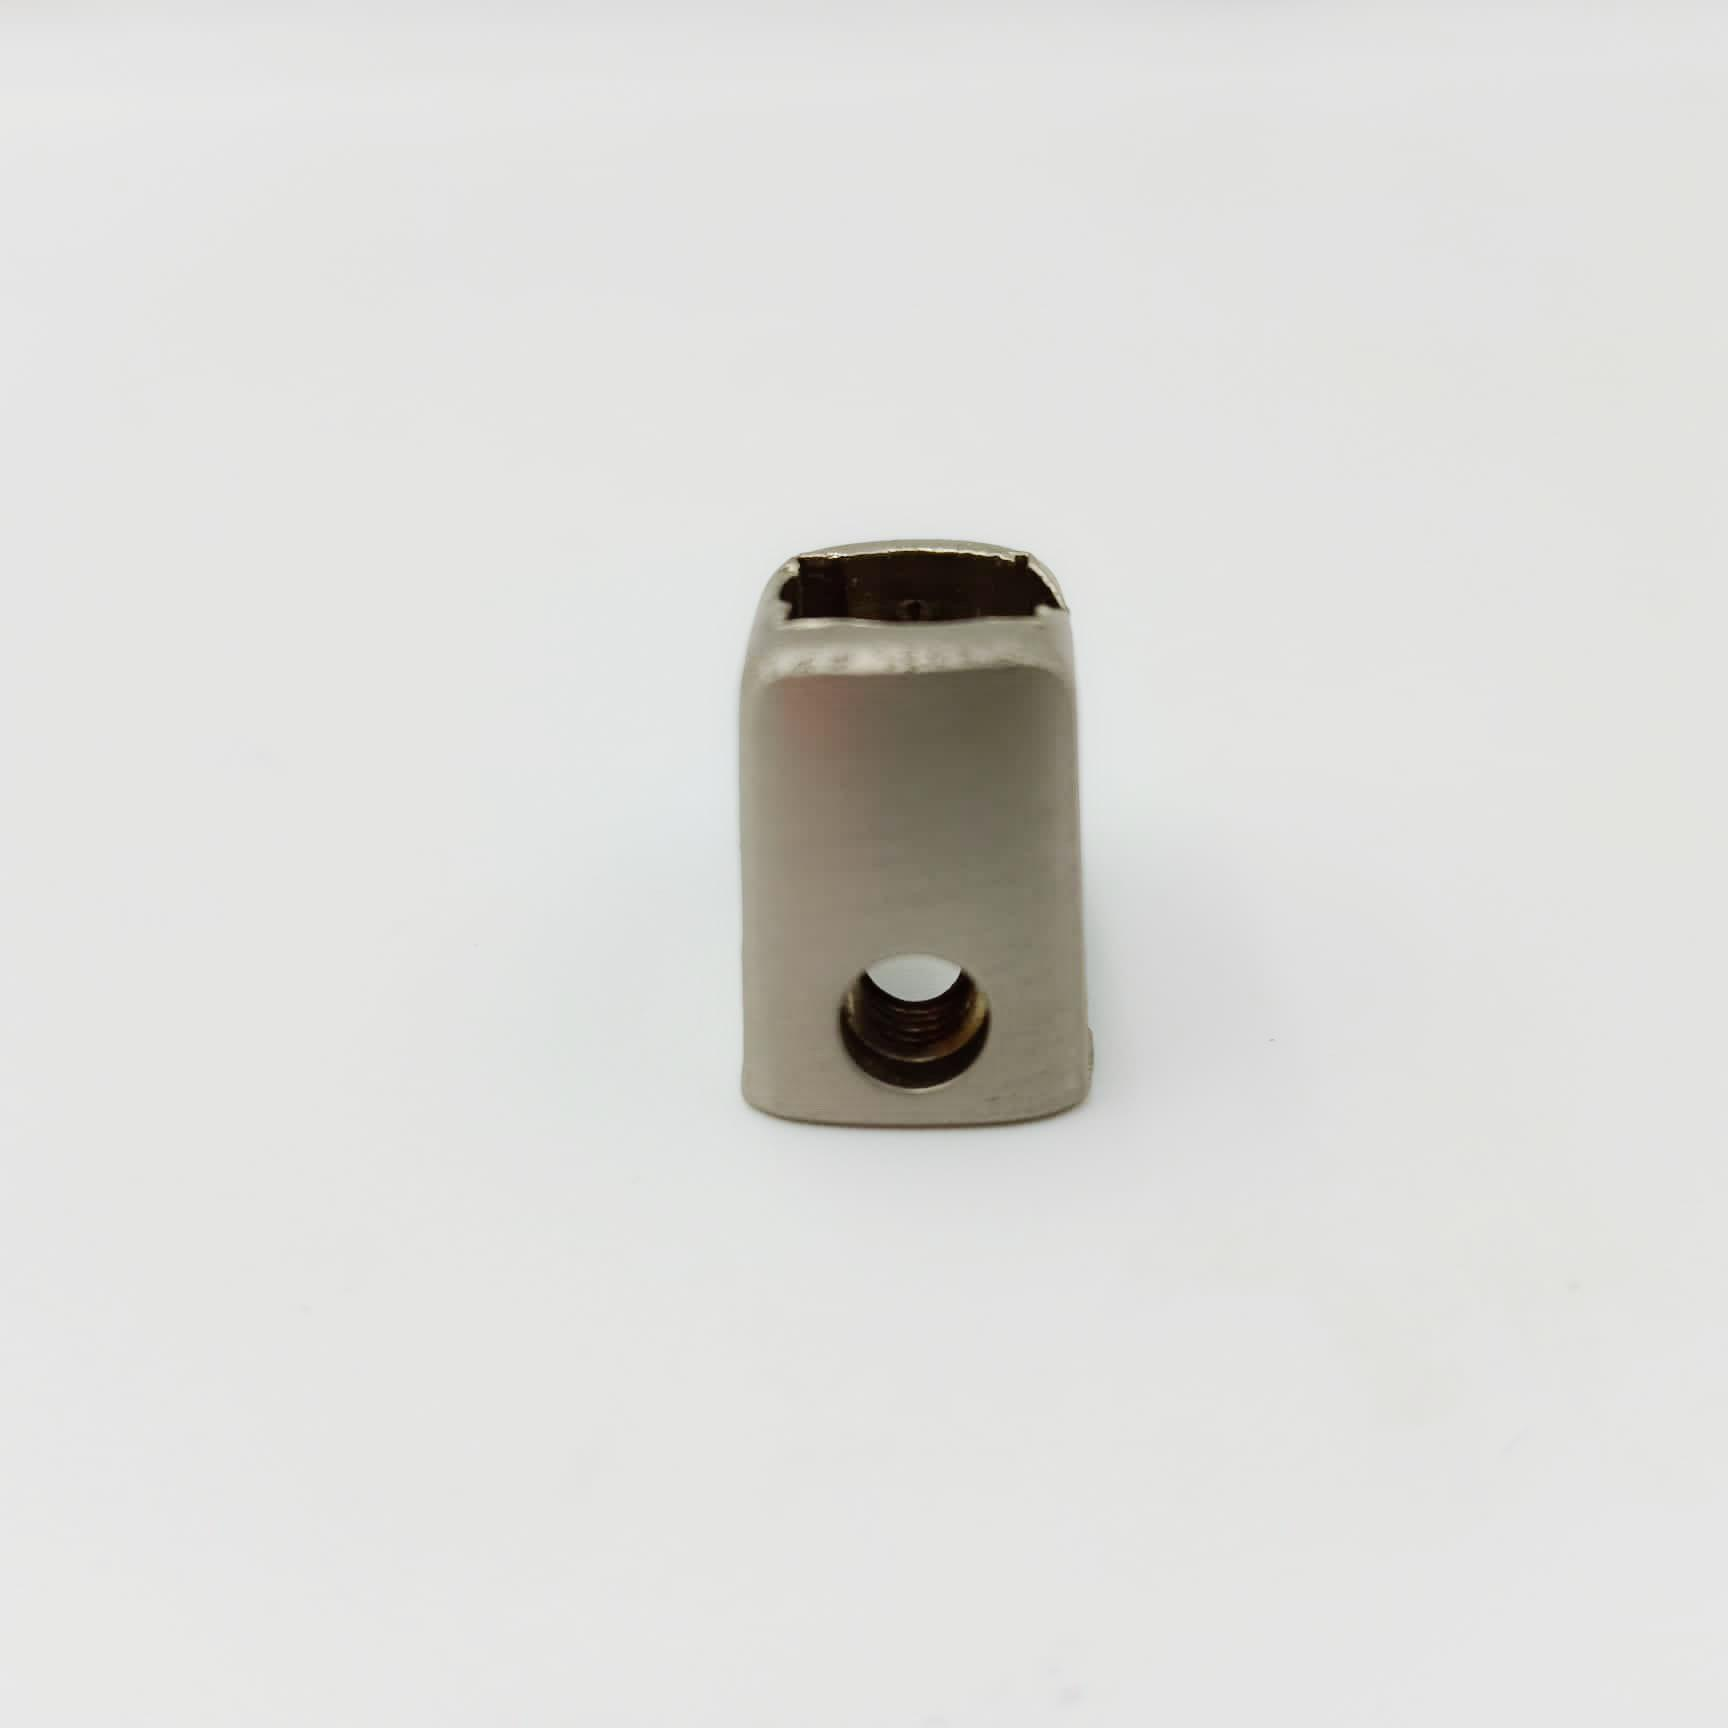 825669280 Cuadrado cartucho d38